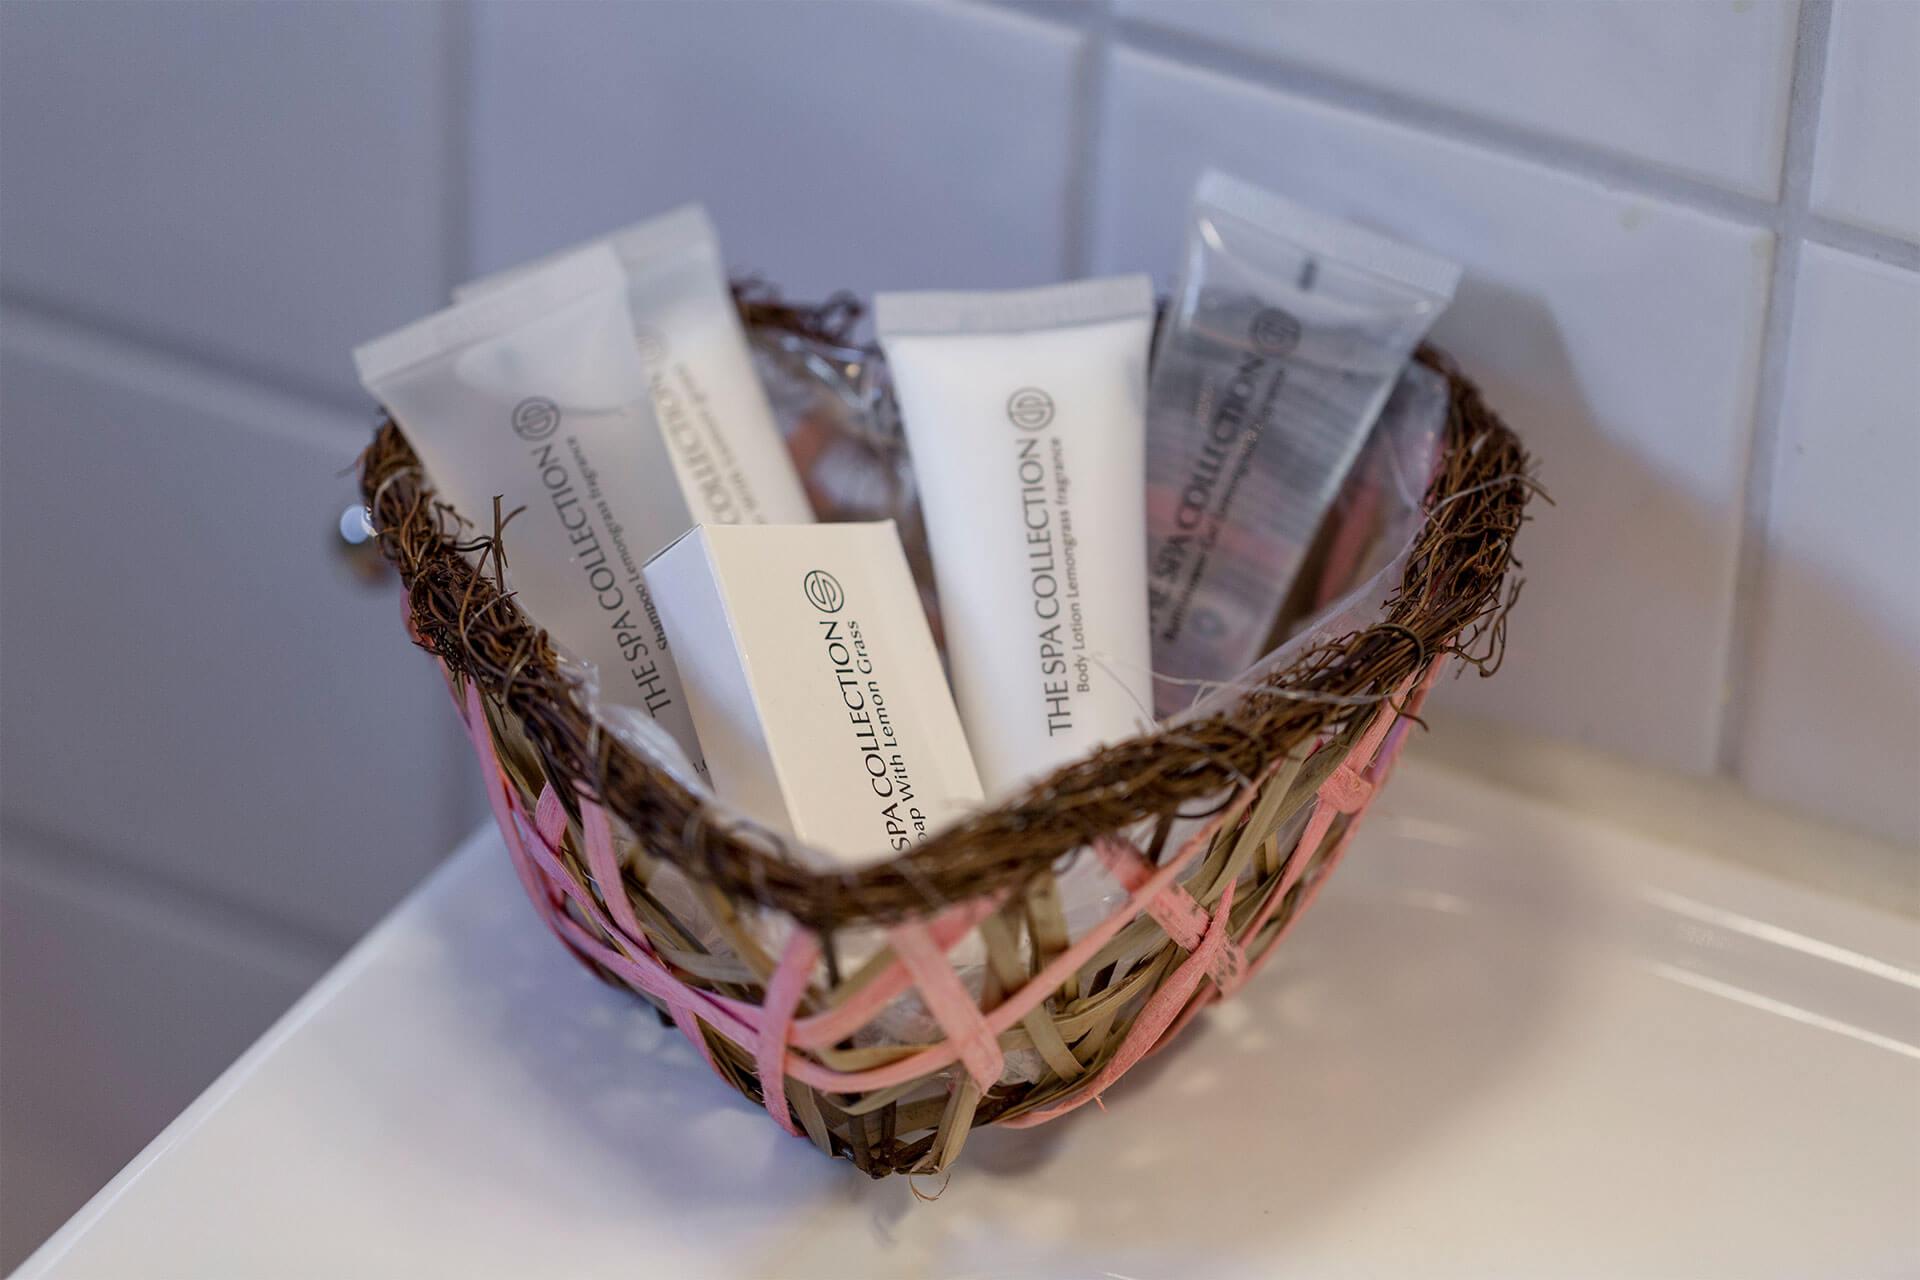 Körbchen mit Seife, Bodylotion, Duschgel und Shampoo